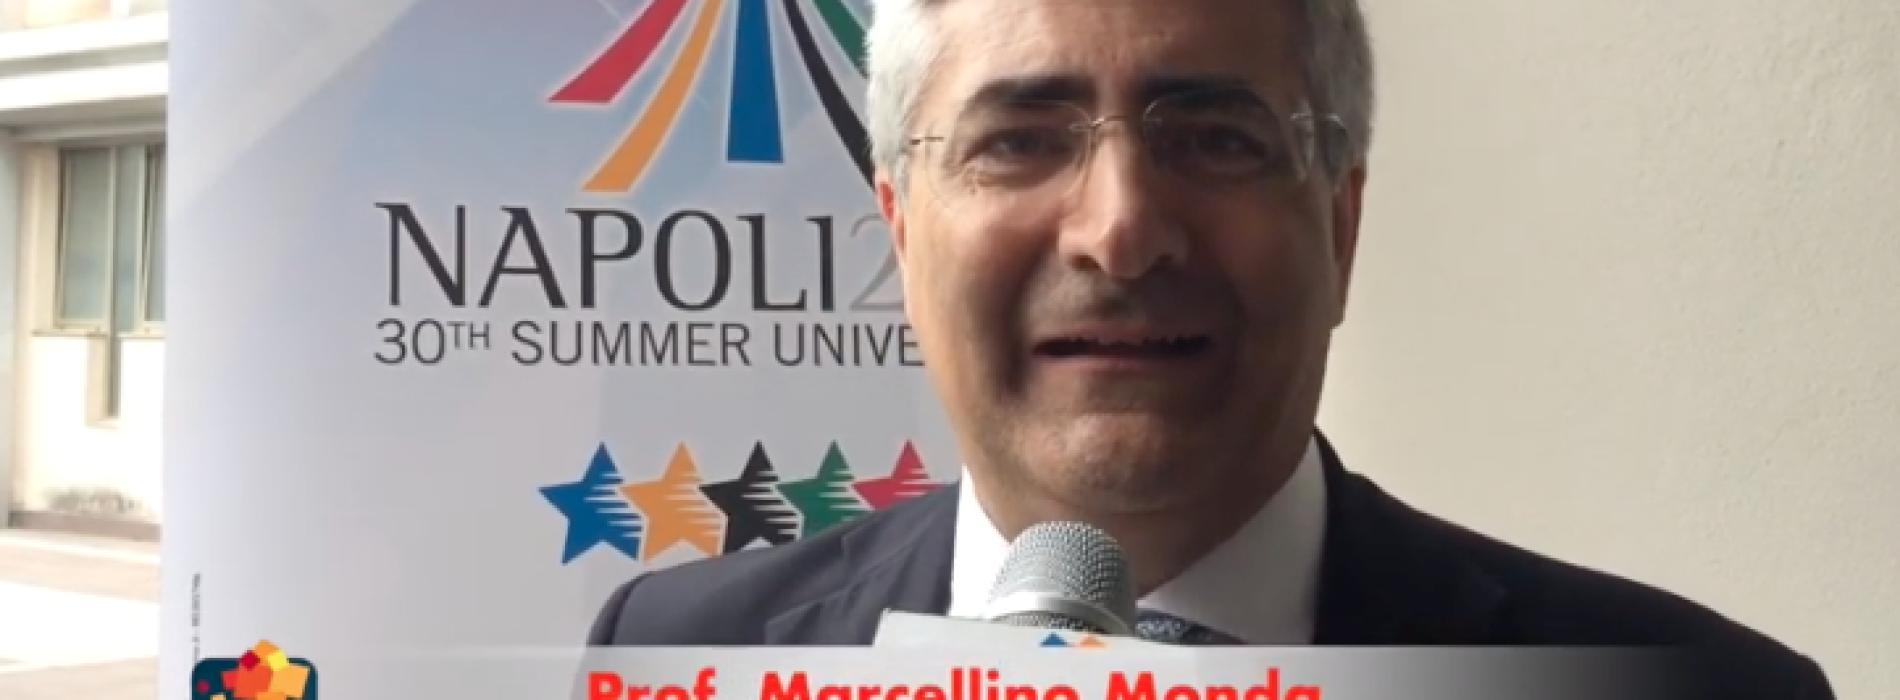 Monda (Vanvitelli), l'Universiade serve a promuovere la salute